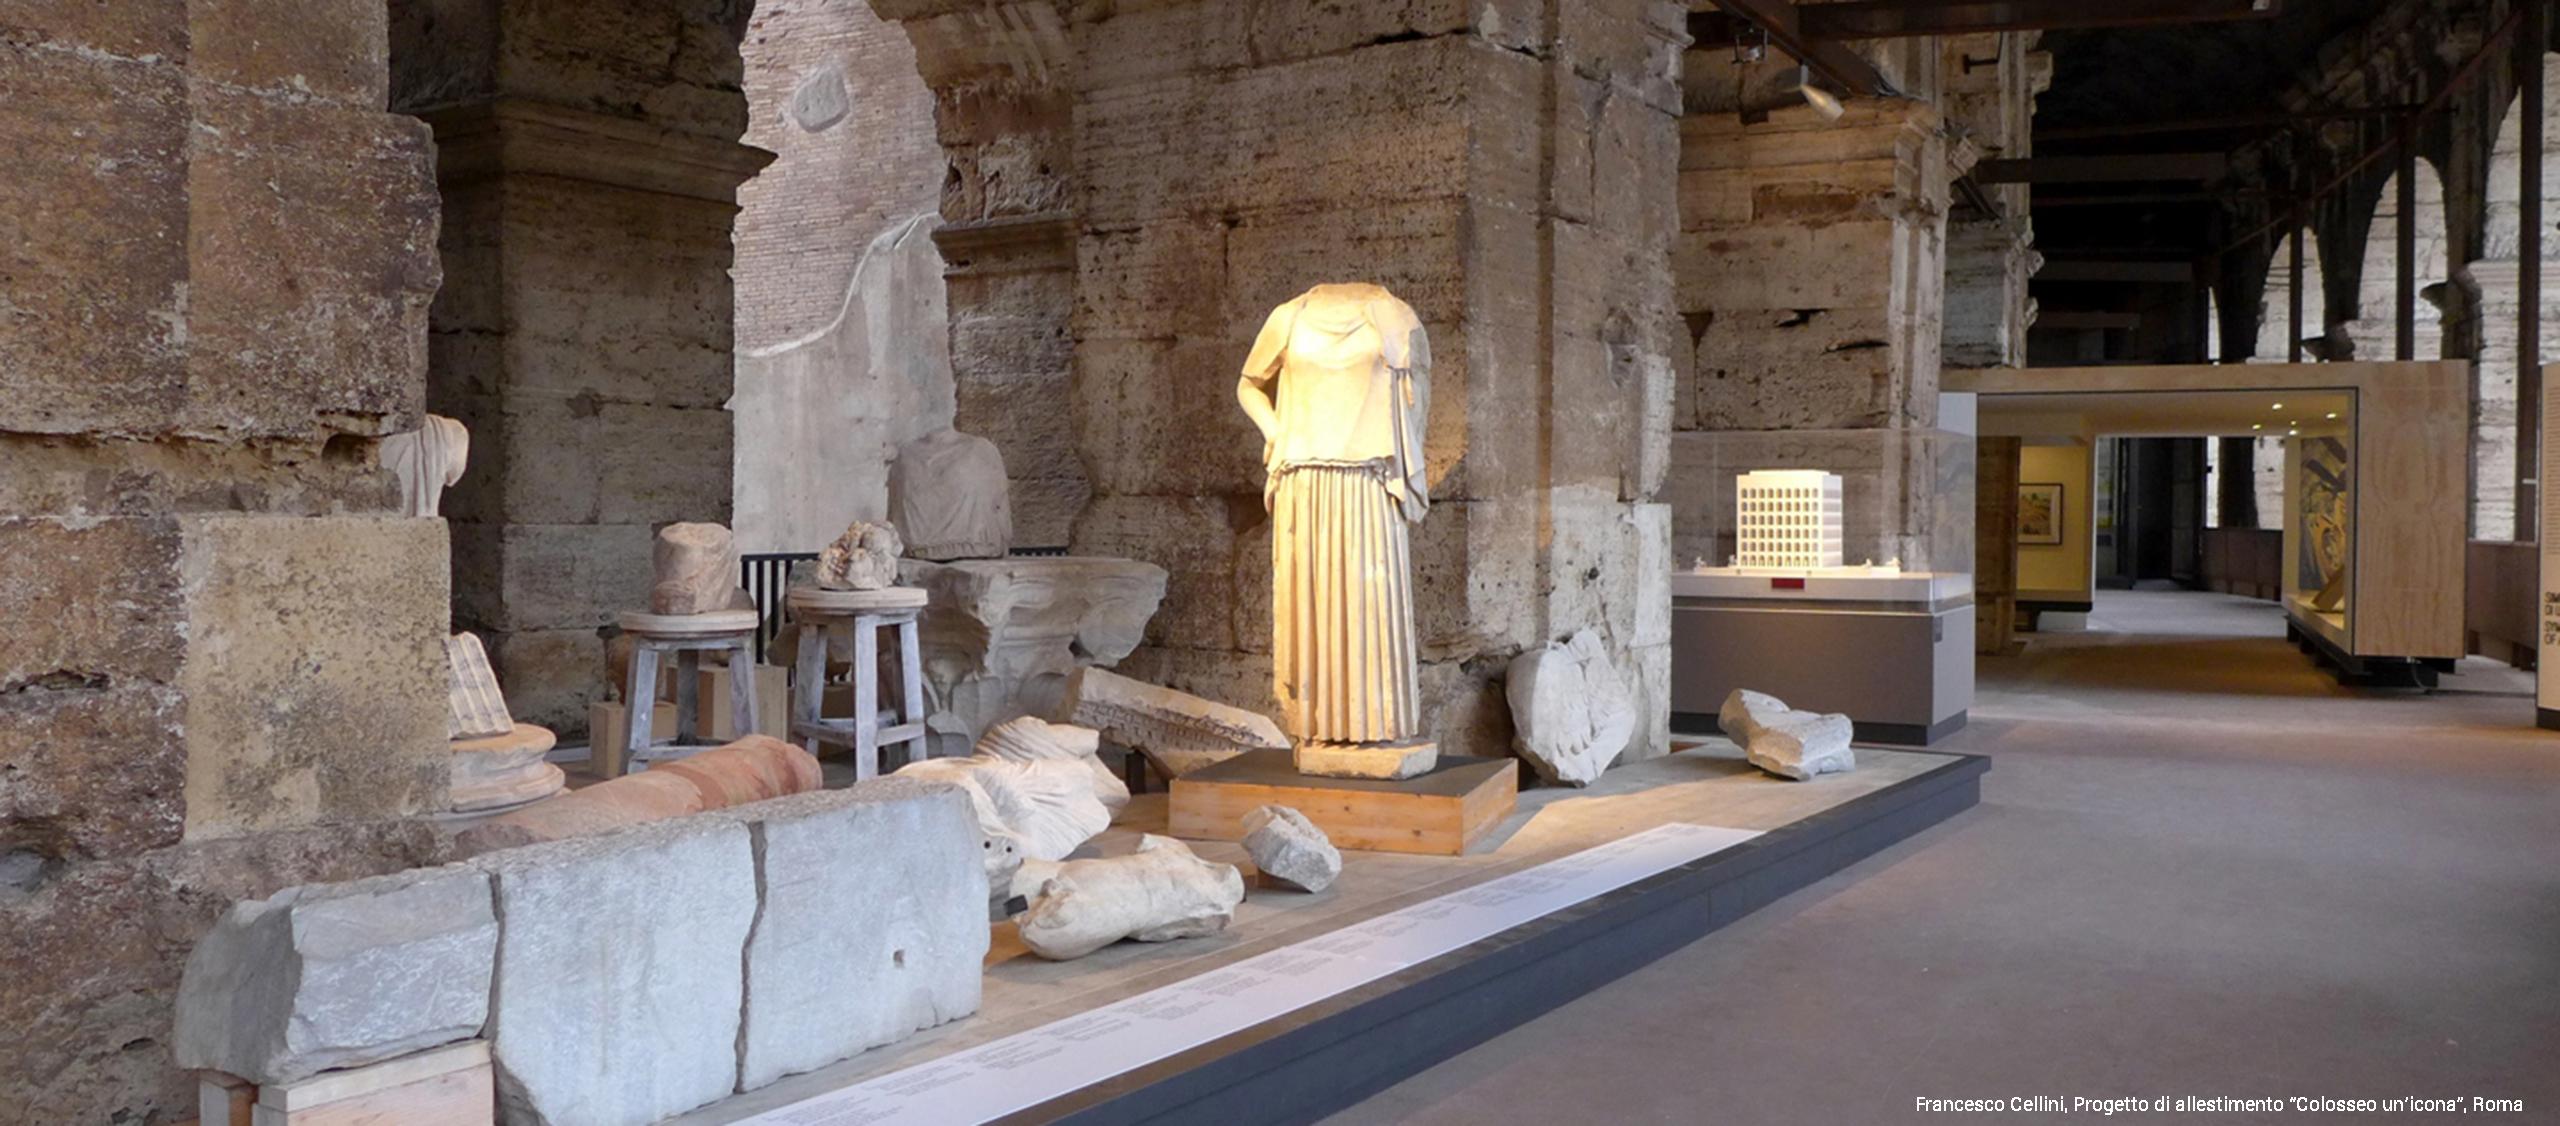 """Progetto di allestimento """"Colosseo un'icona"""", Roma"""